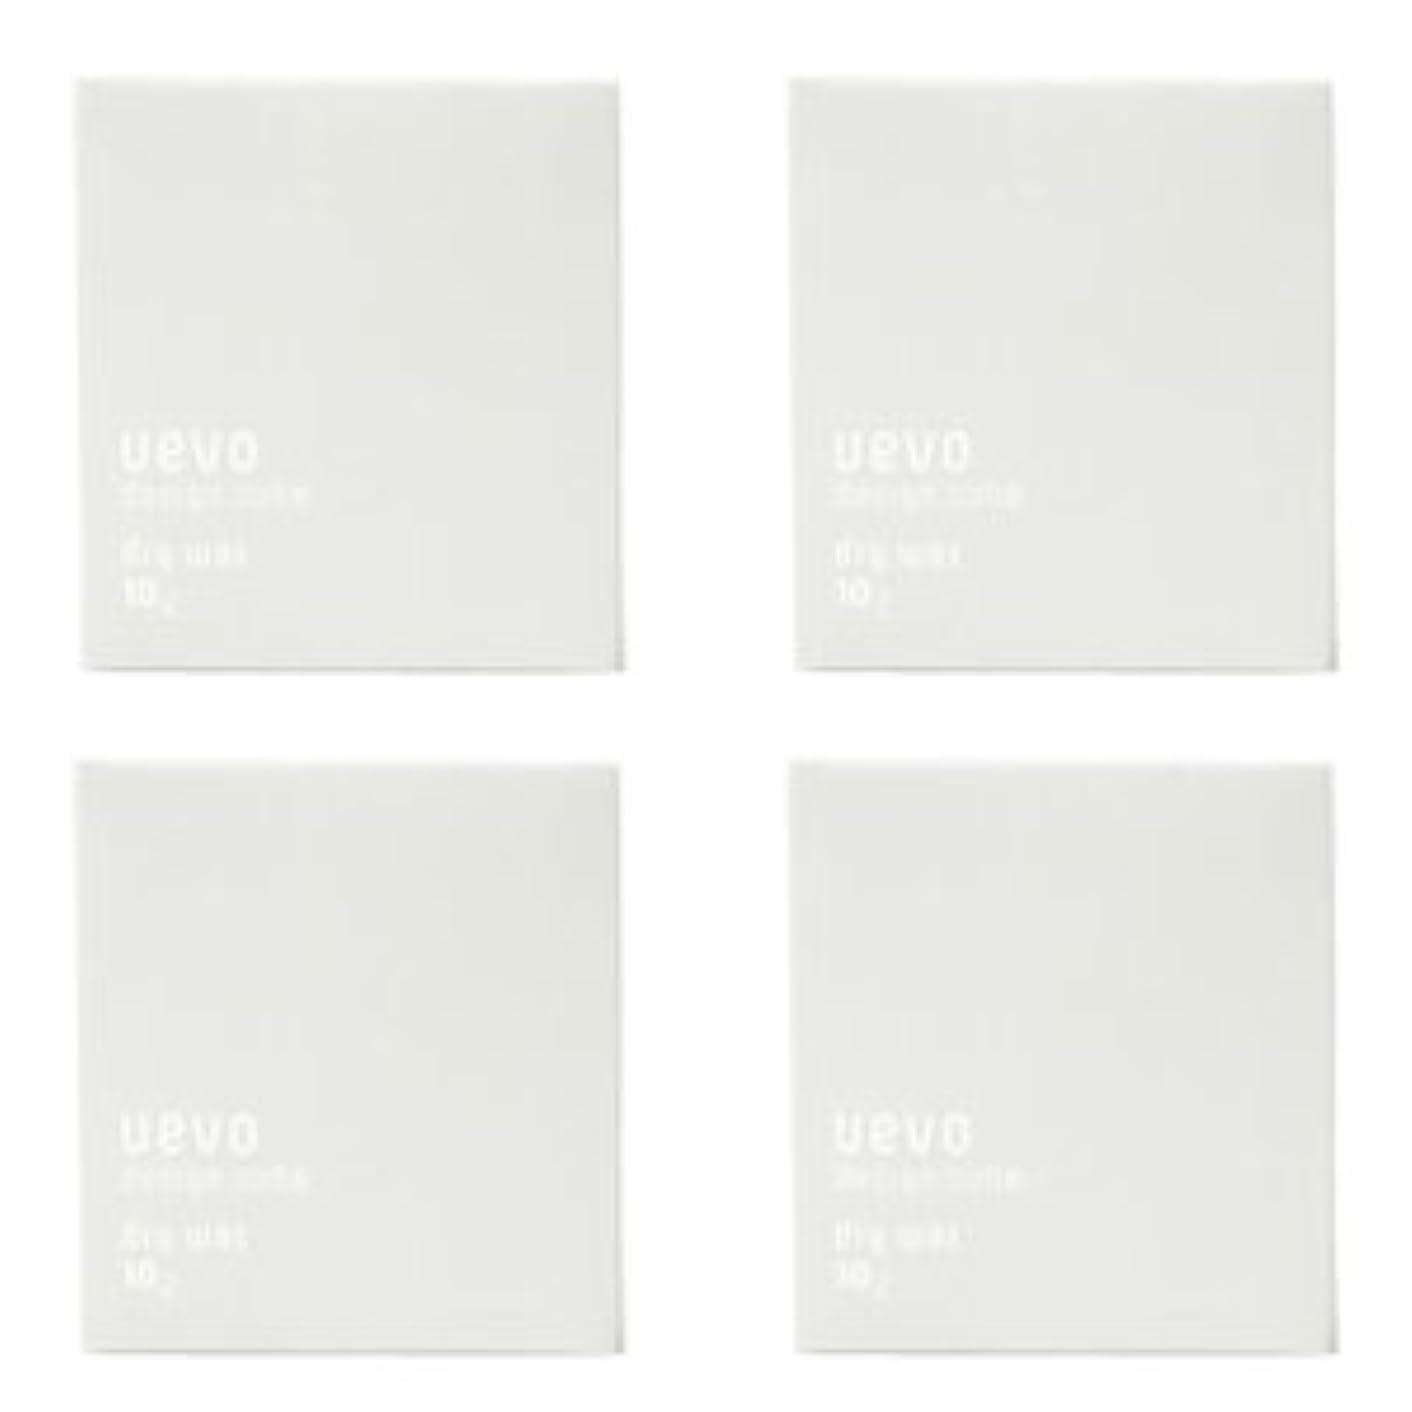 刃輝くクランシー【X4個セット】 デミ ウェーボ デザインキューブ ドライワックス 80g dry wax